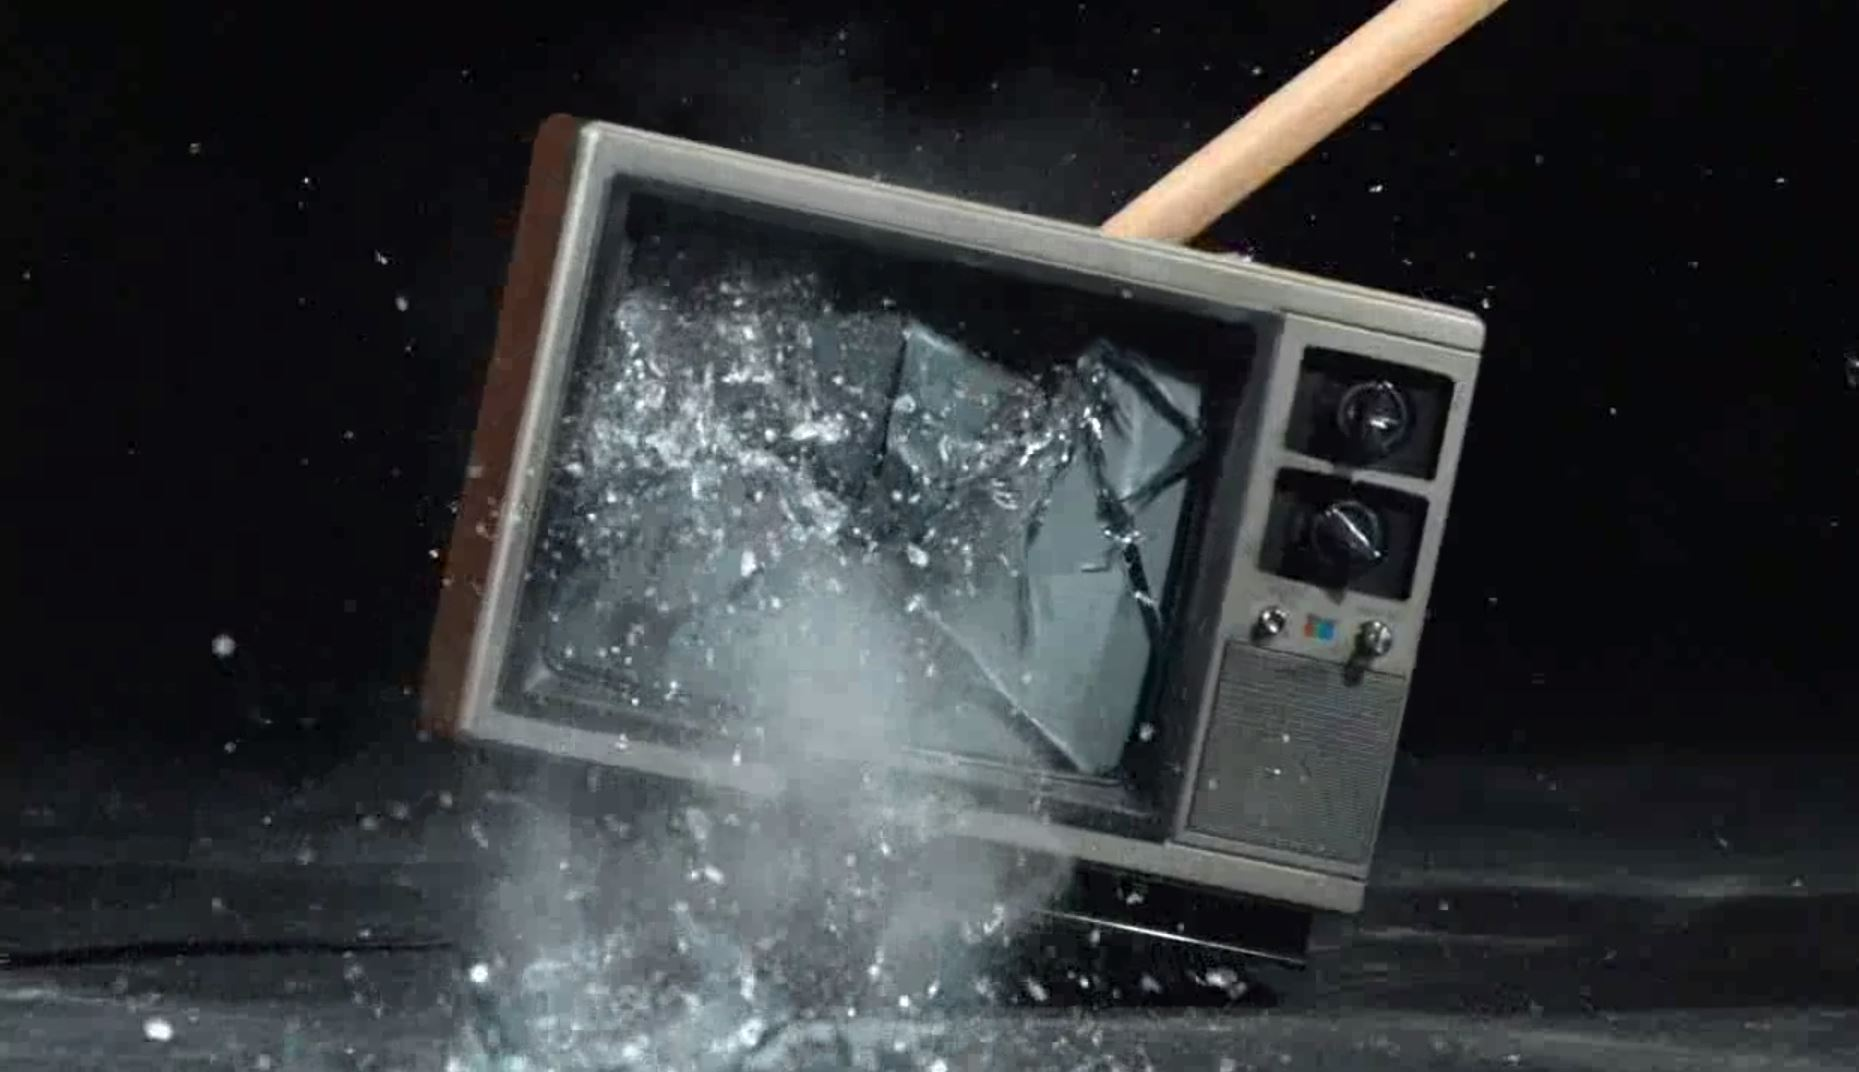 ¿La televisión está muriendo o en estado de coma? - Featured Image